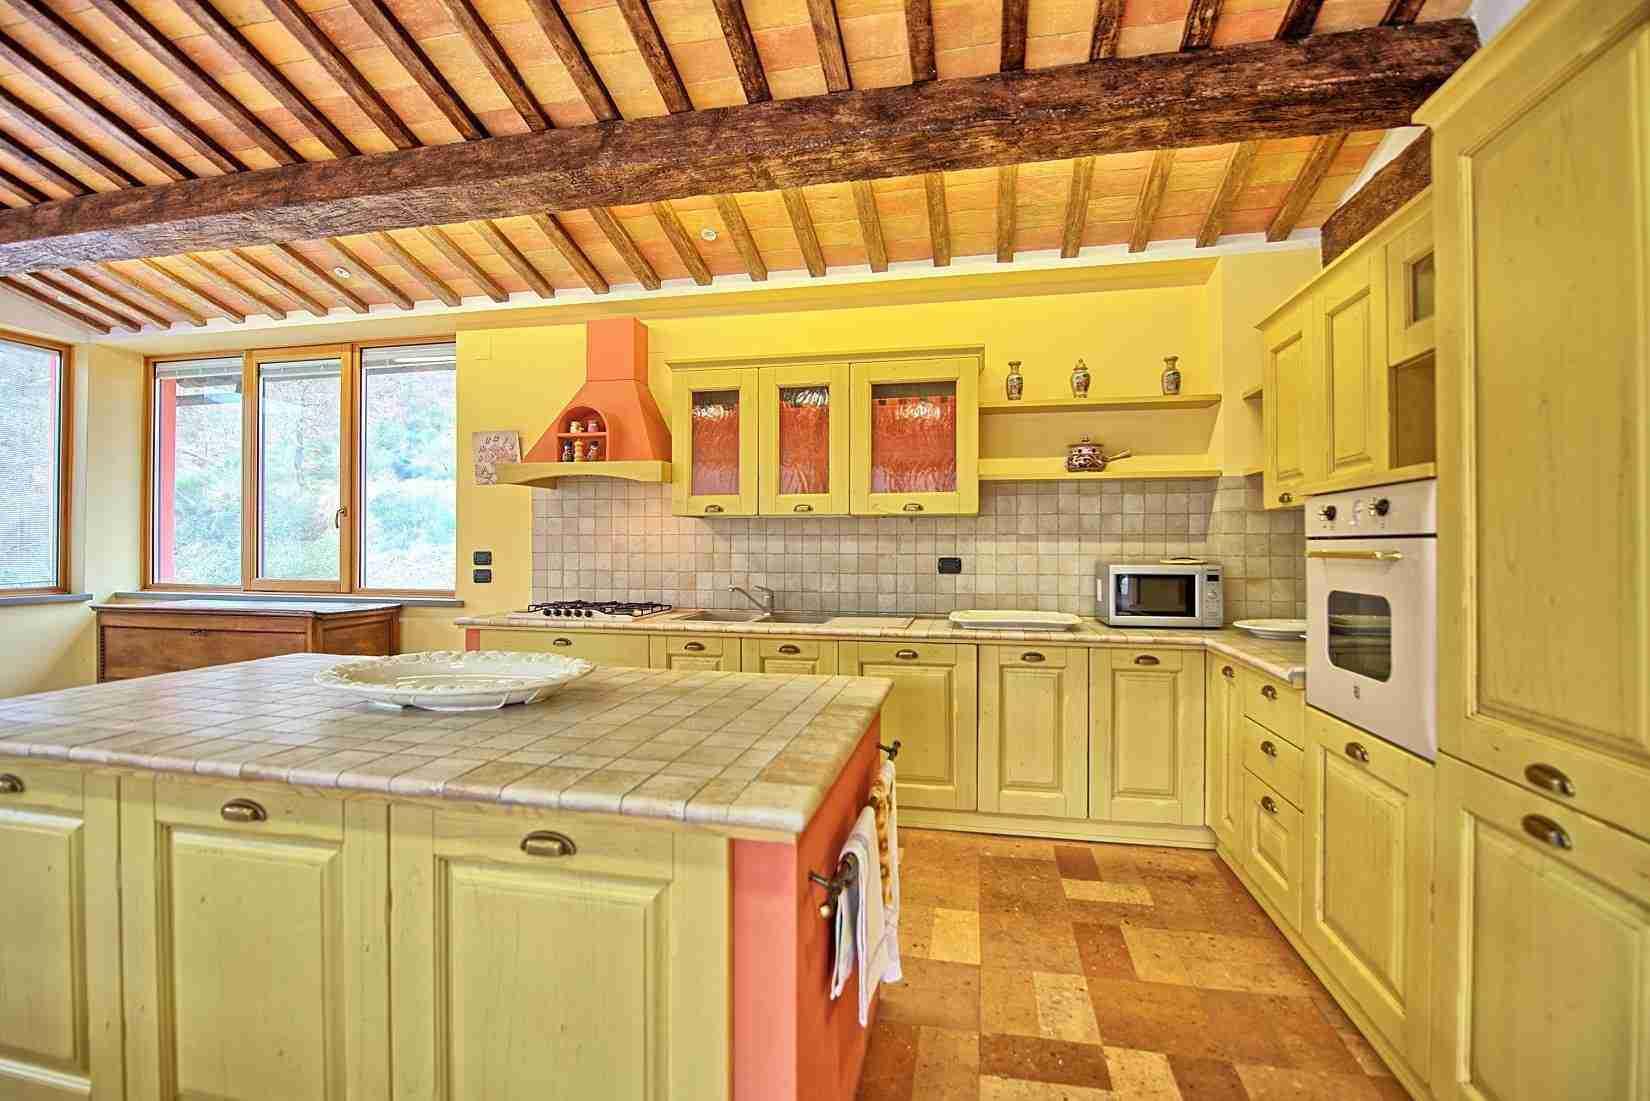 21 Etruria kitchen